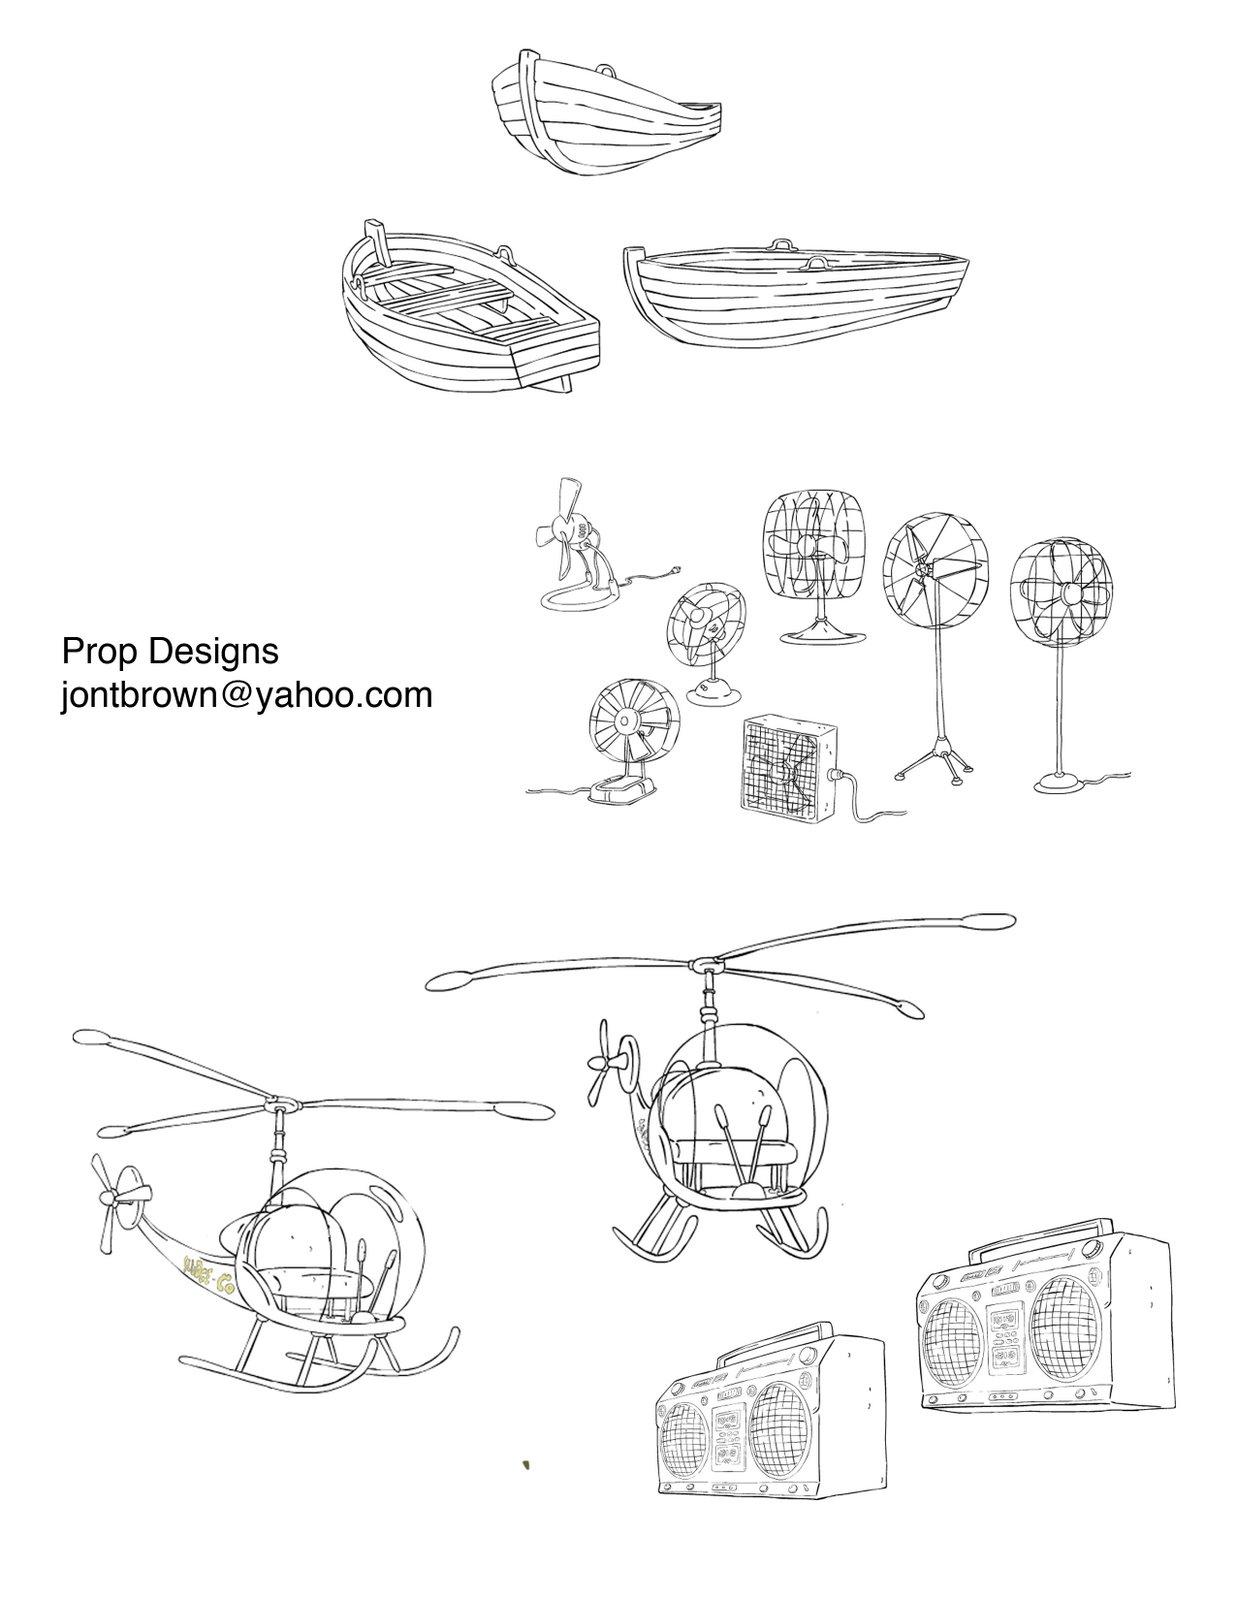 Prop Design Composite 2